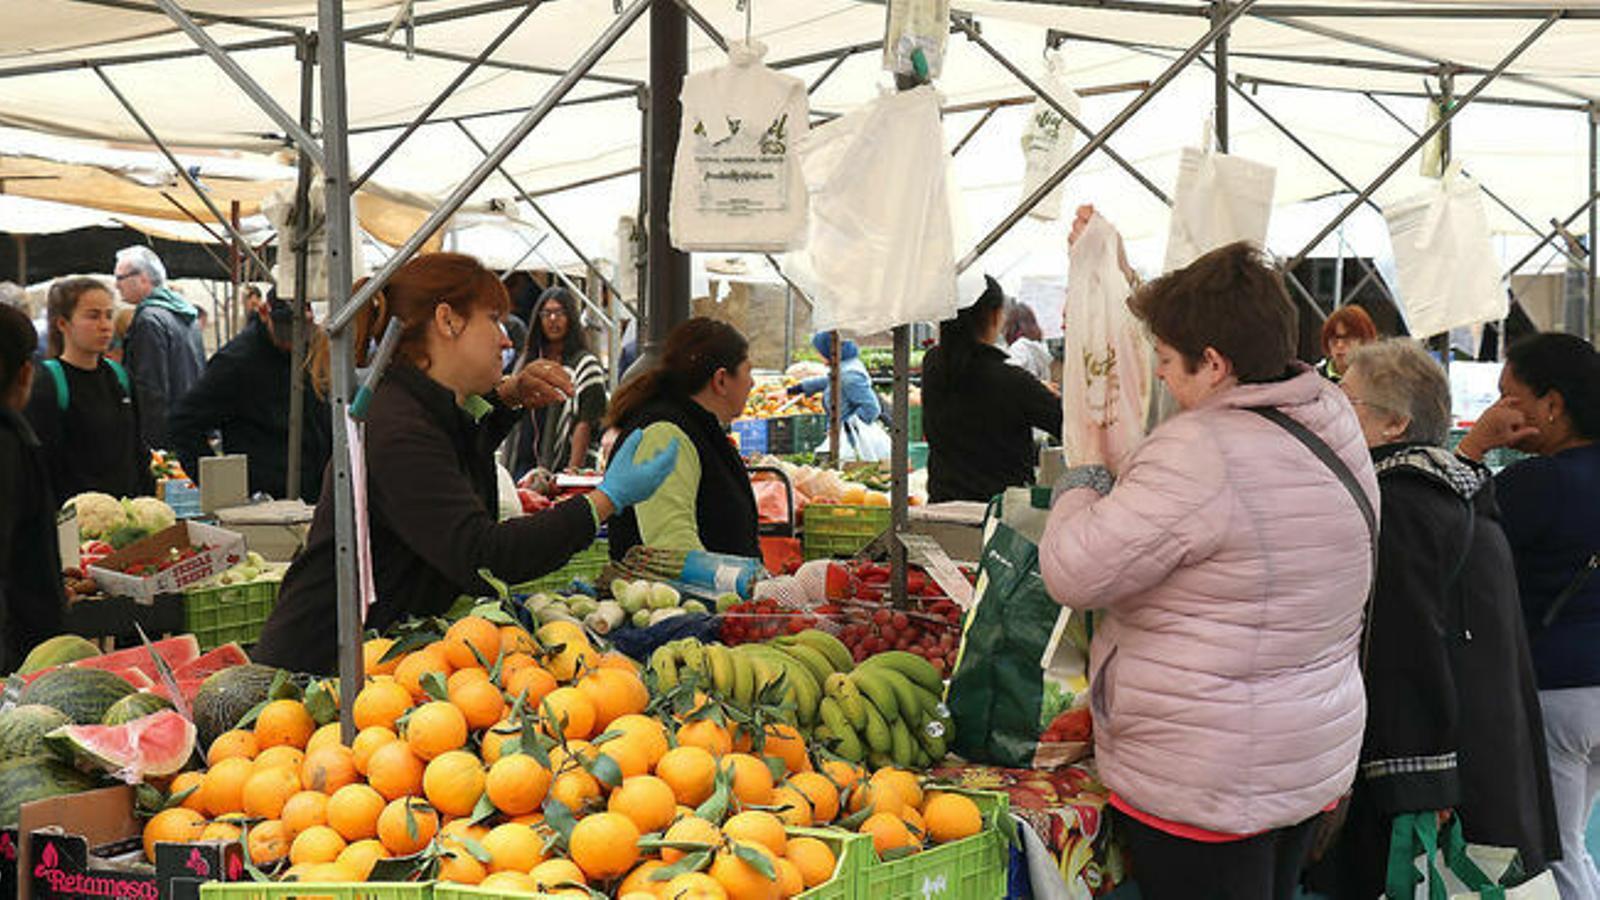 L'observatori fa el seguiment dels preus de la fruita i la verdura, dels ous, del peix, de la carn i dels aliments bàsics